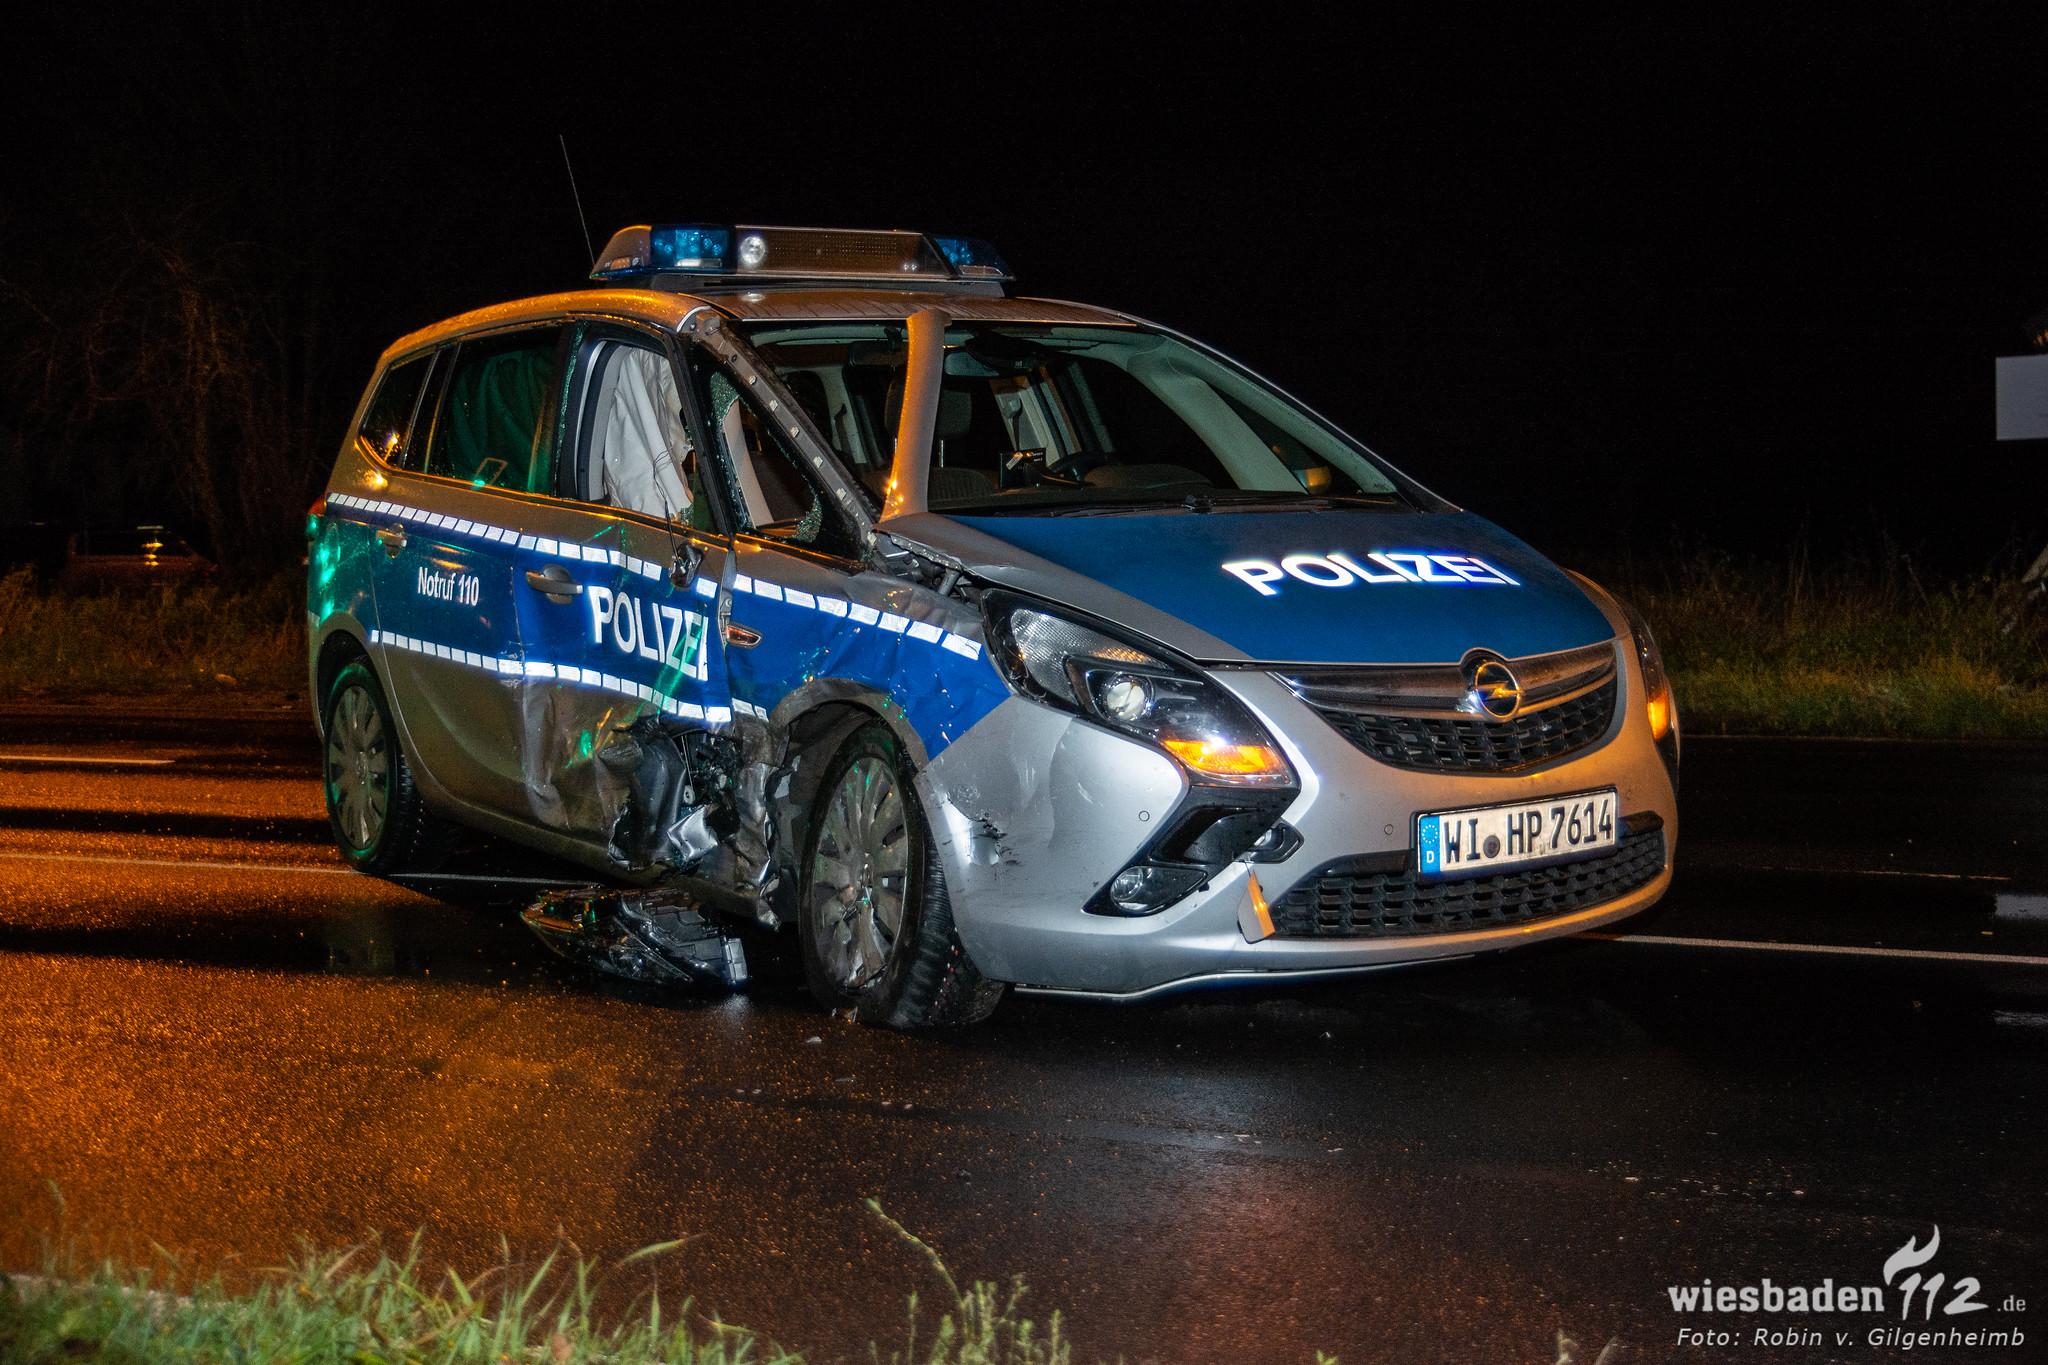 2019-12-24 Fischbach MTK VU Pol (3 von 5)